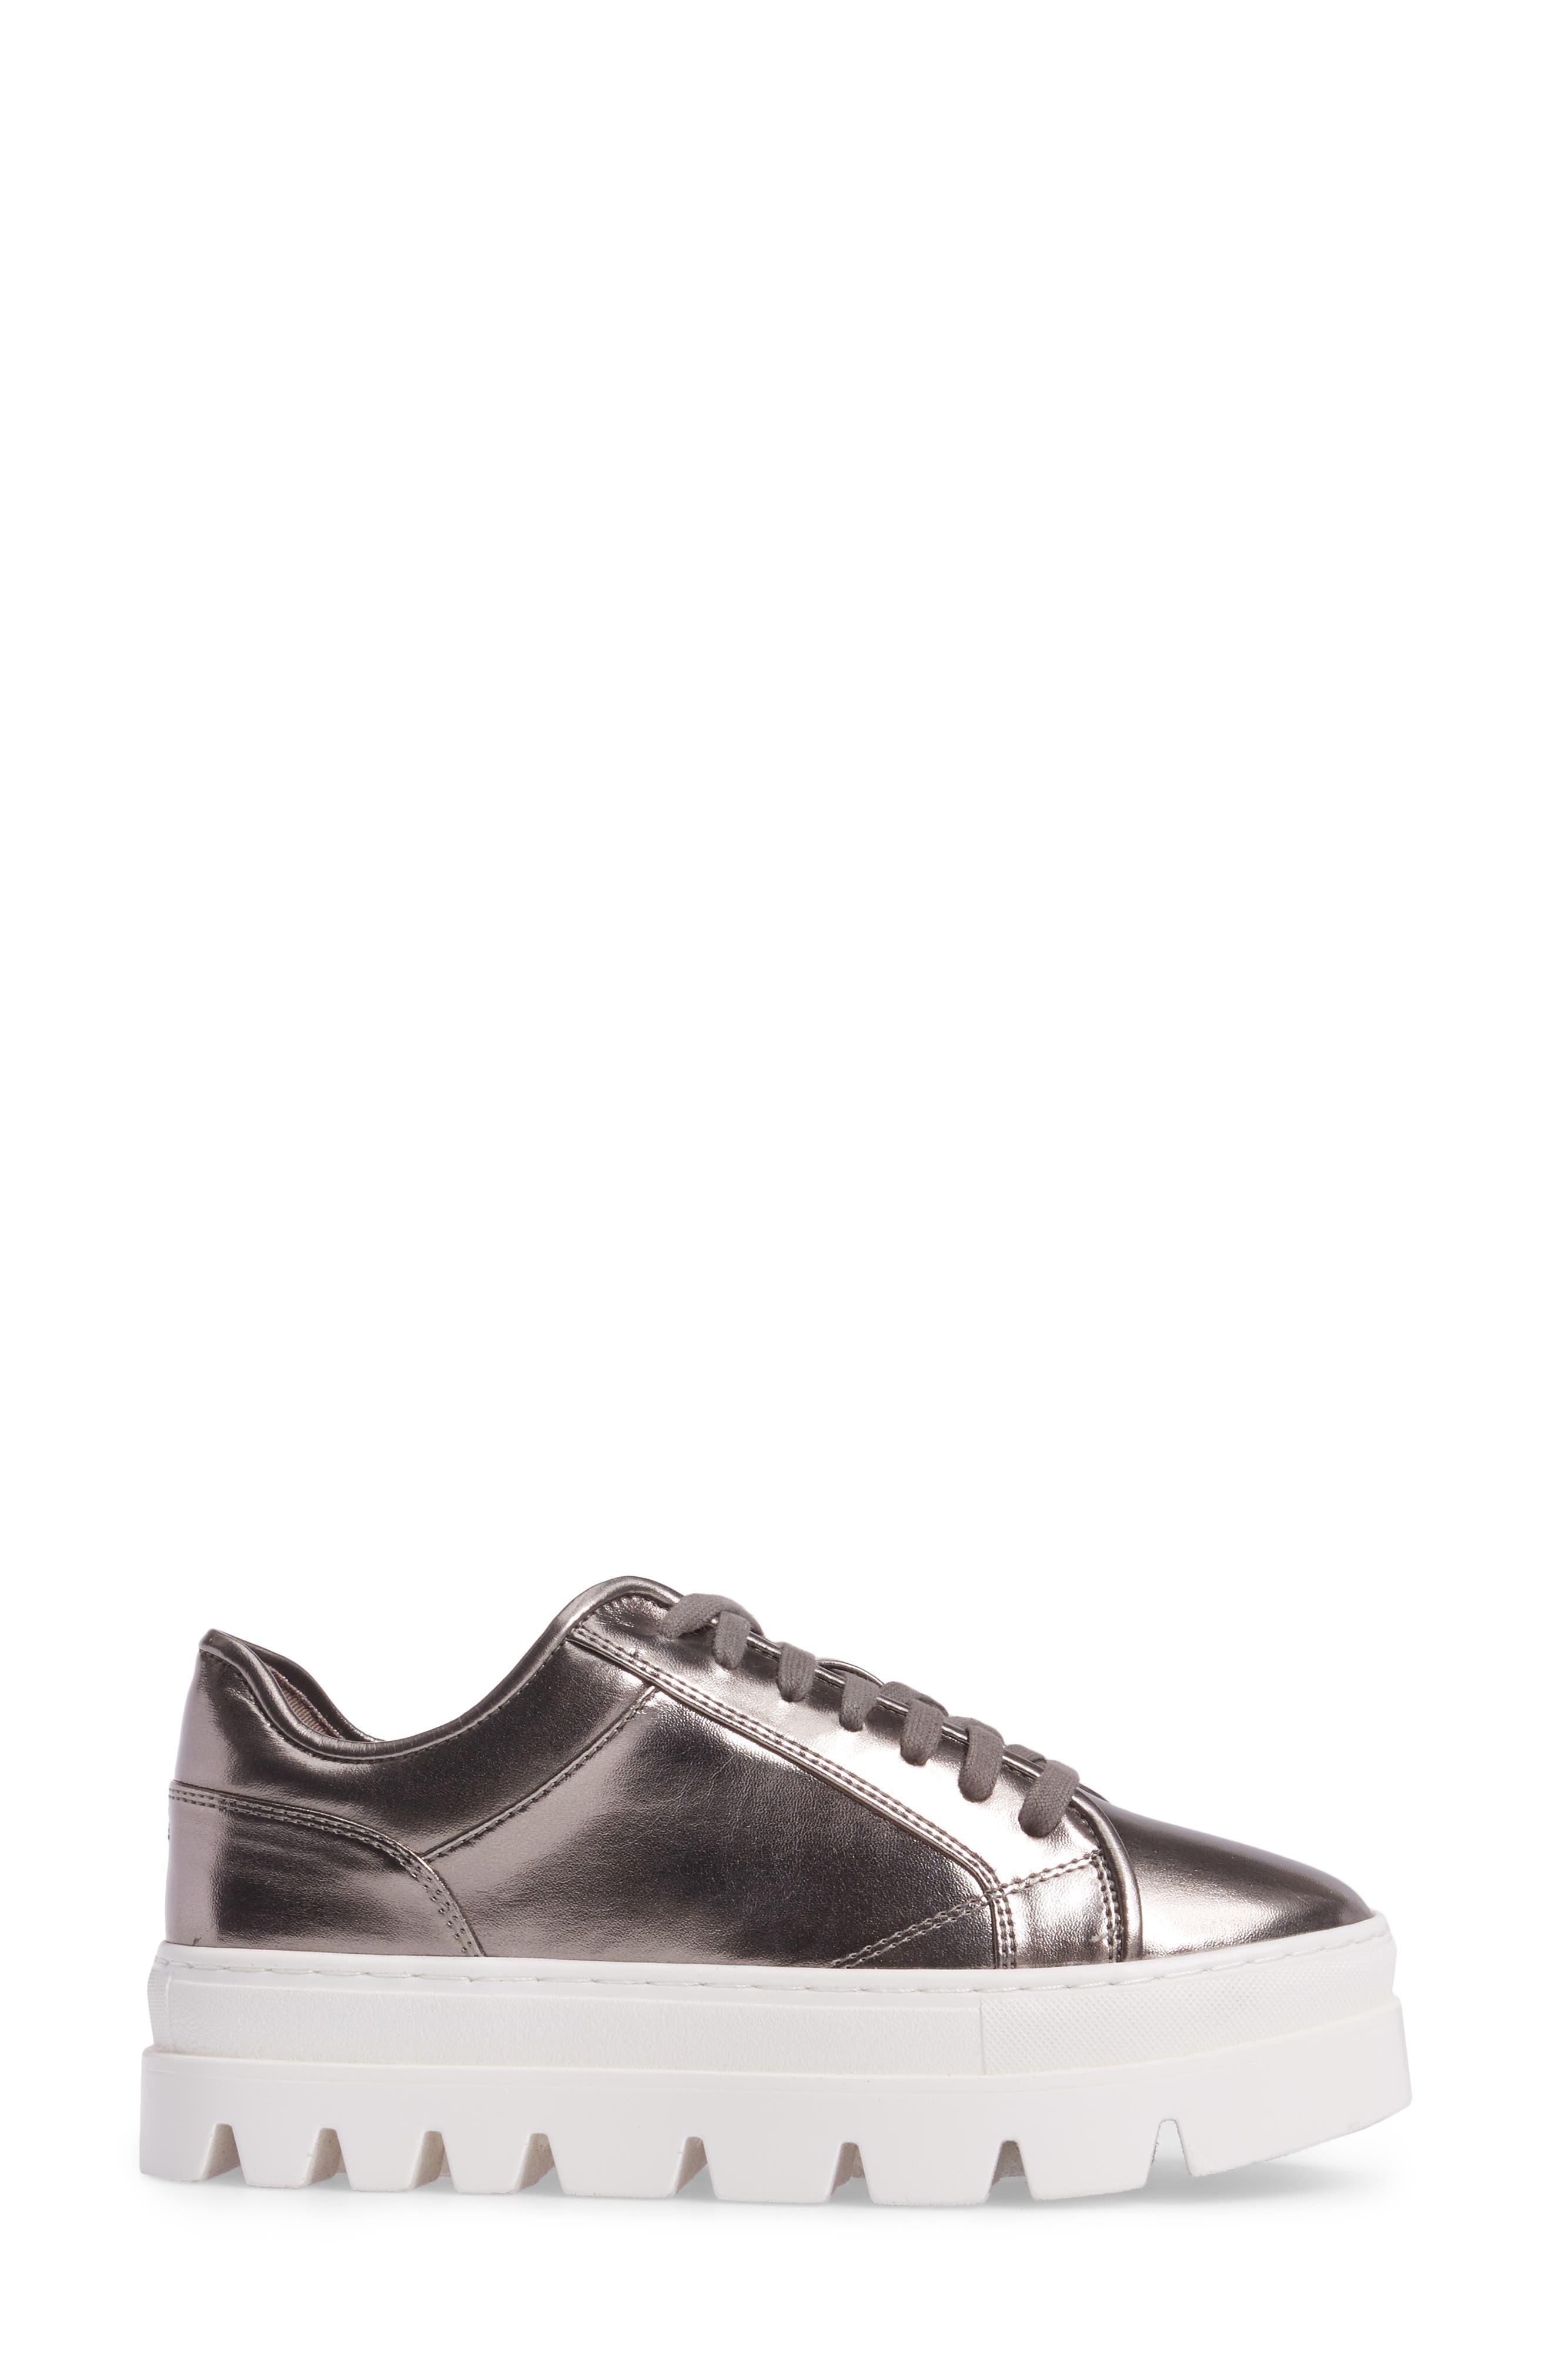 Alternate Image 3  - Steve Madden Kickstart Platform Sneaker (Women)